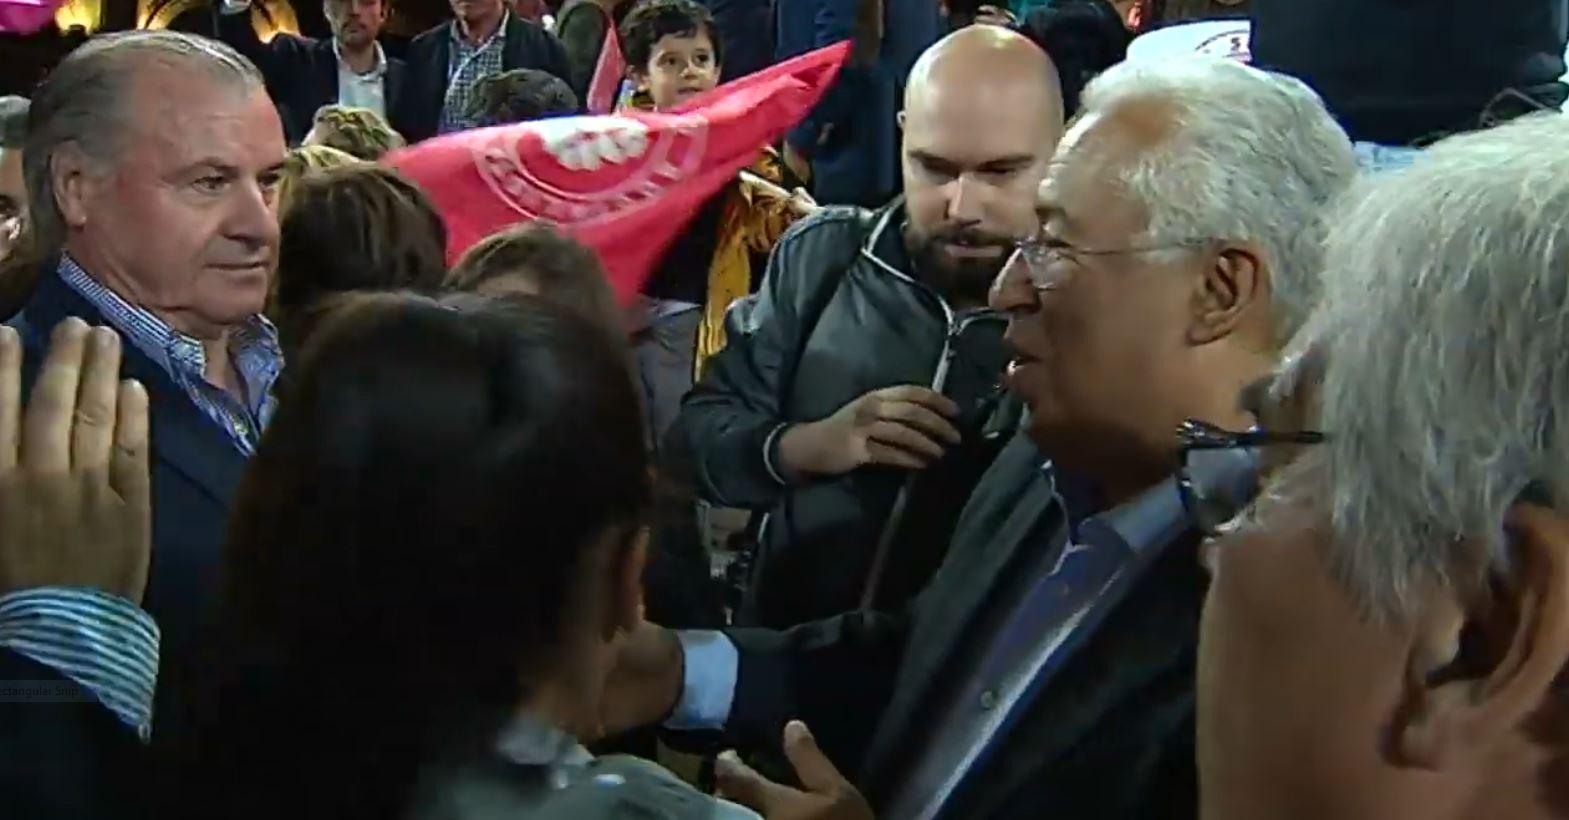 Socialistët në Portugali kalojnë 10 pikë para socialdemokratëve në sondazhe